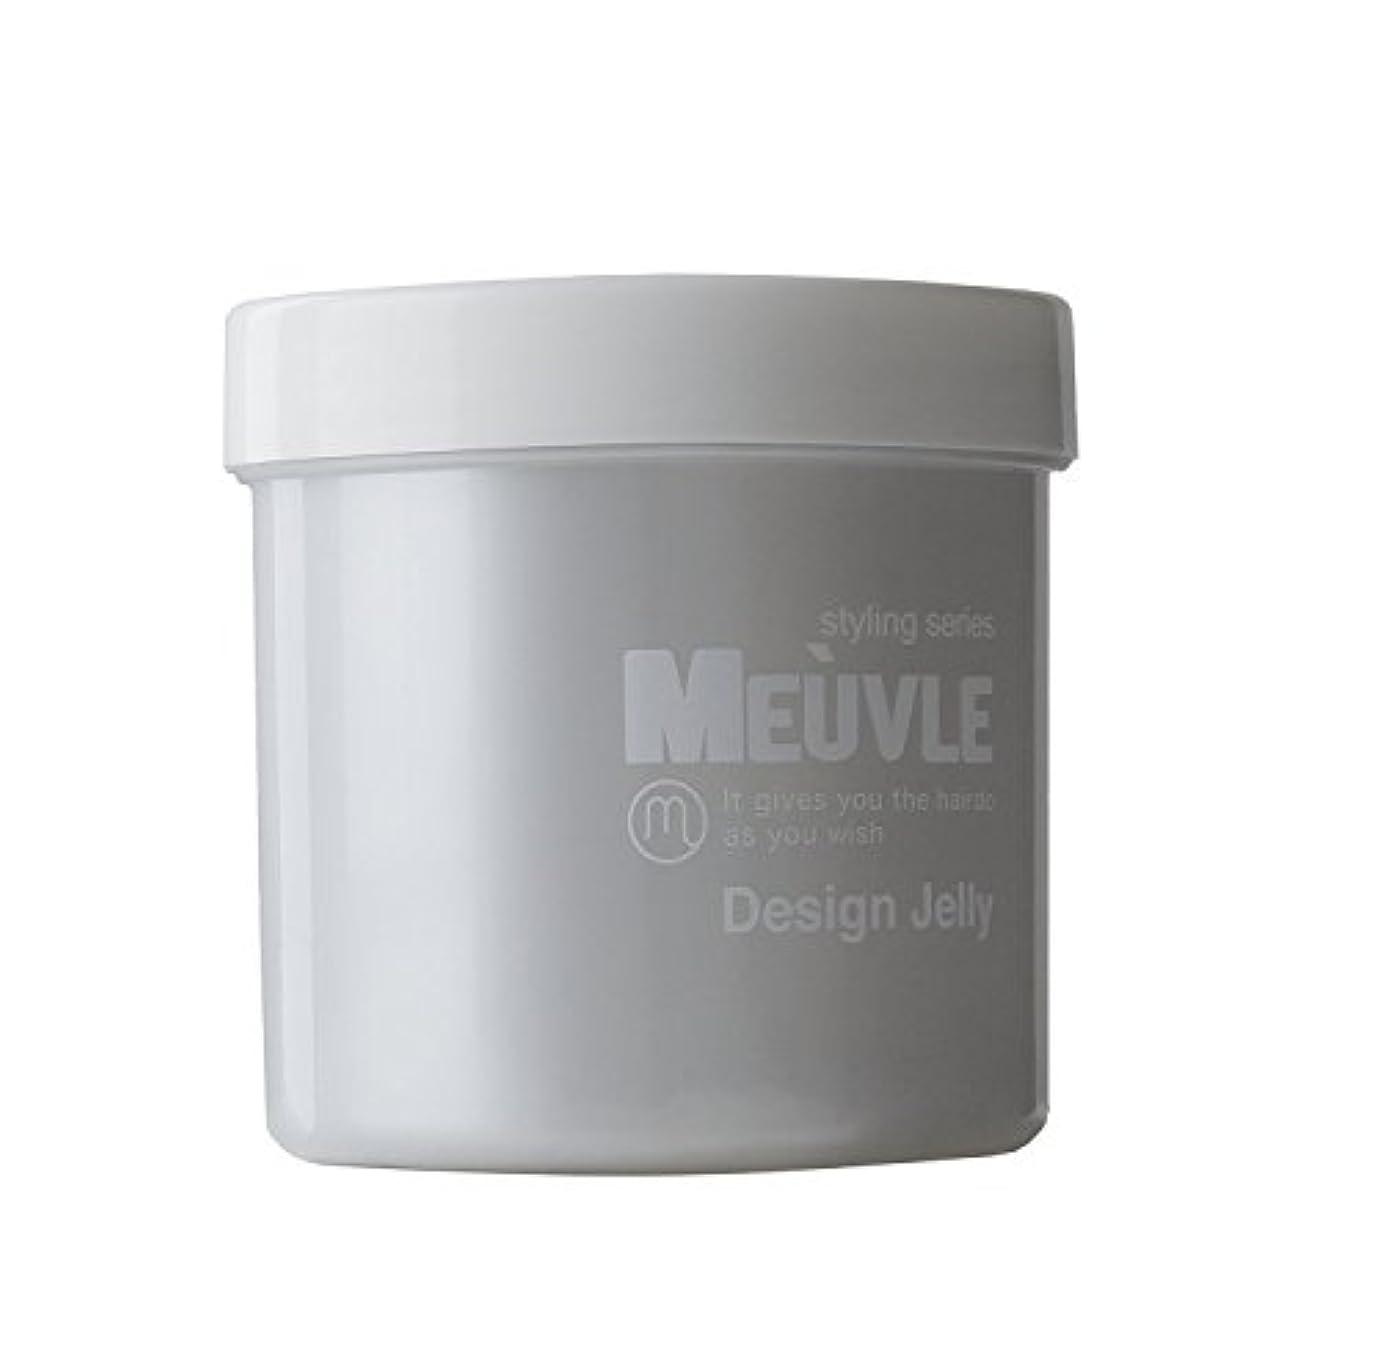 胃黙認する酔っ払いMEUVLE ( ミューヴル ) デザインゼリー 300g 限定企画 ミューブル ジェル